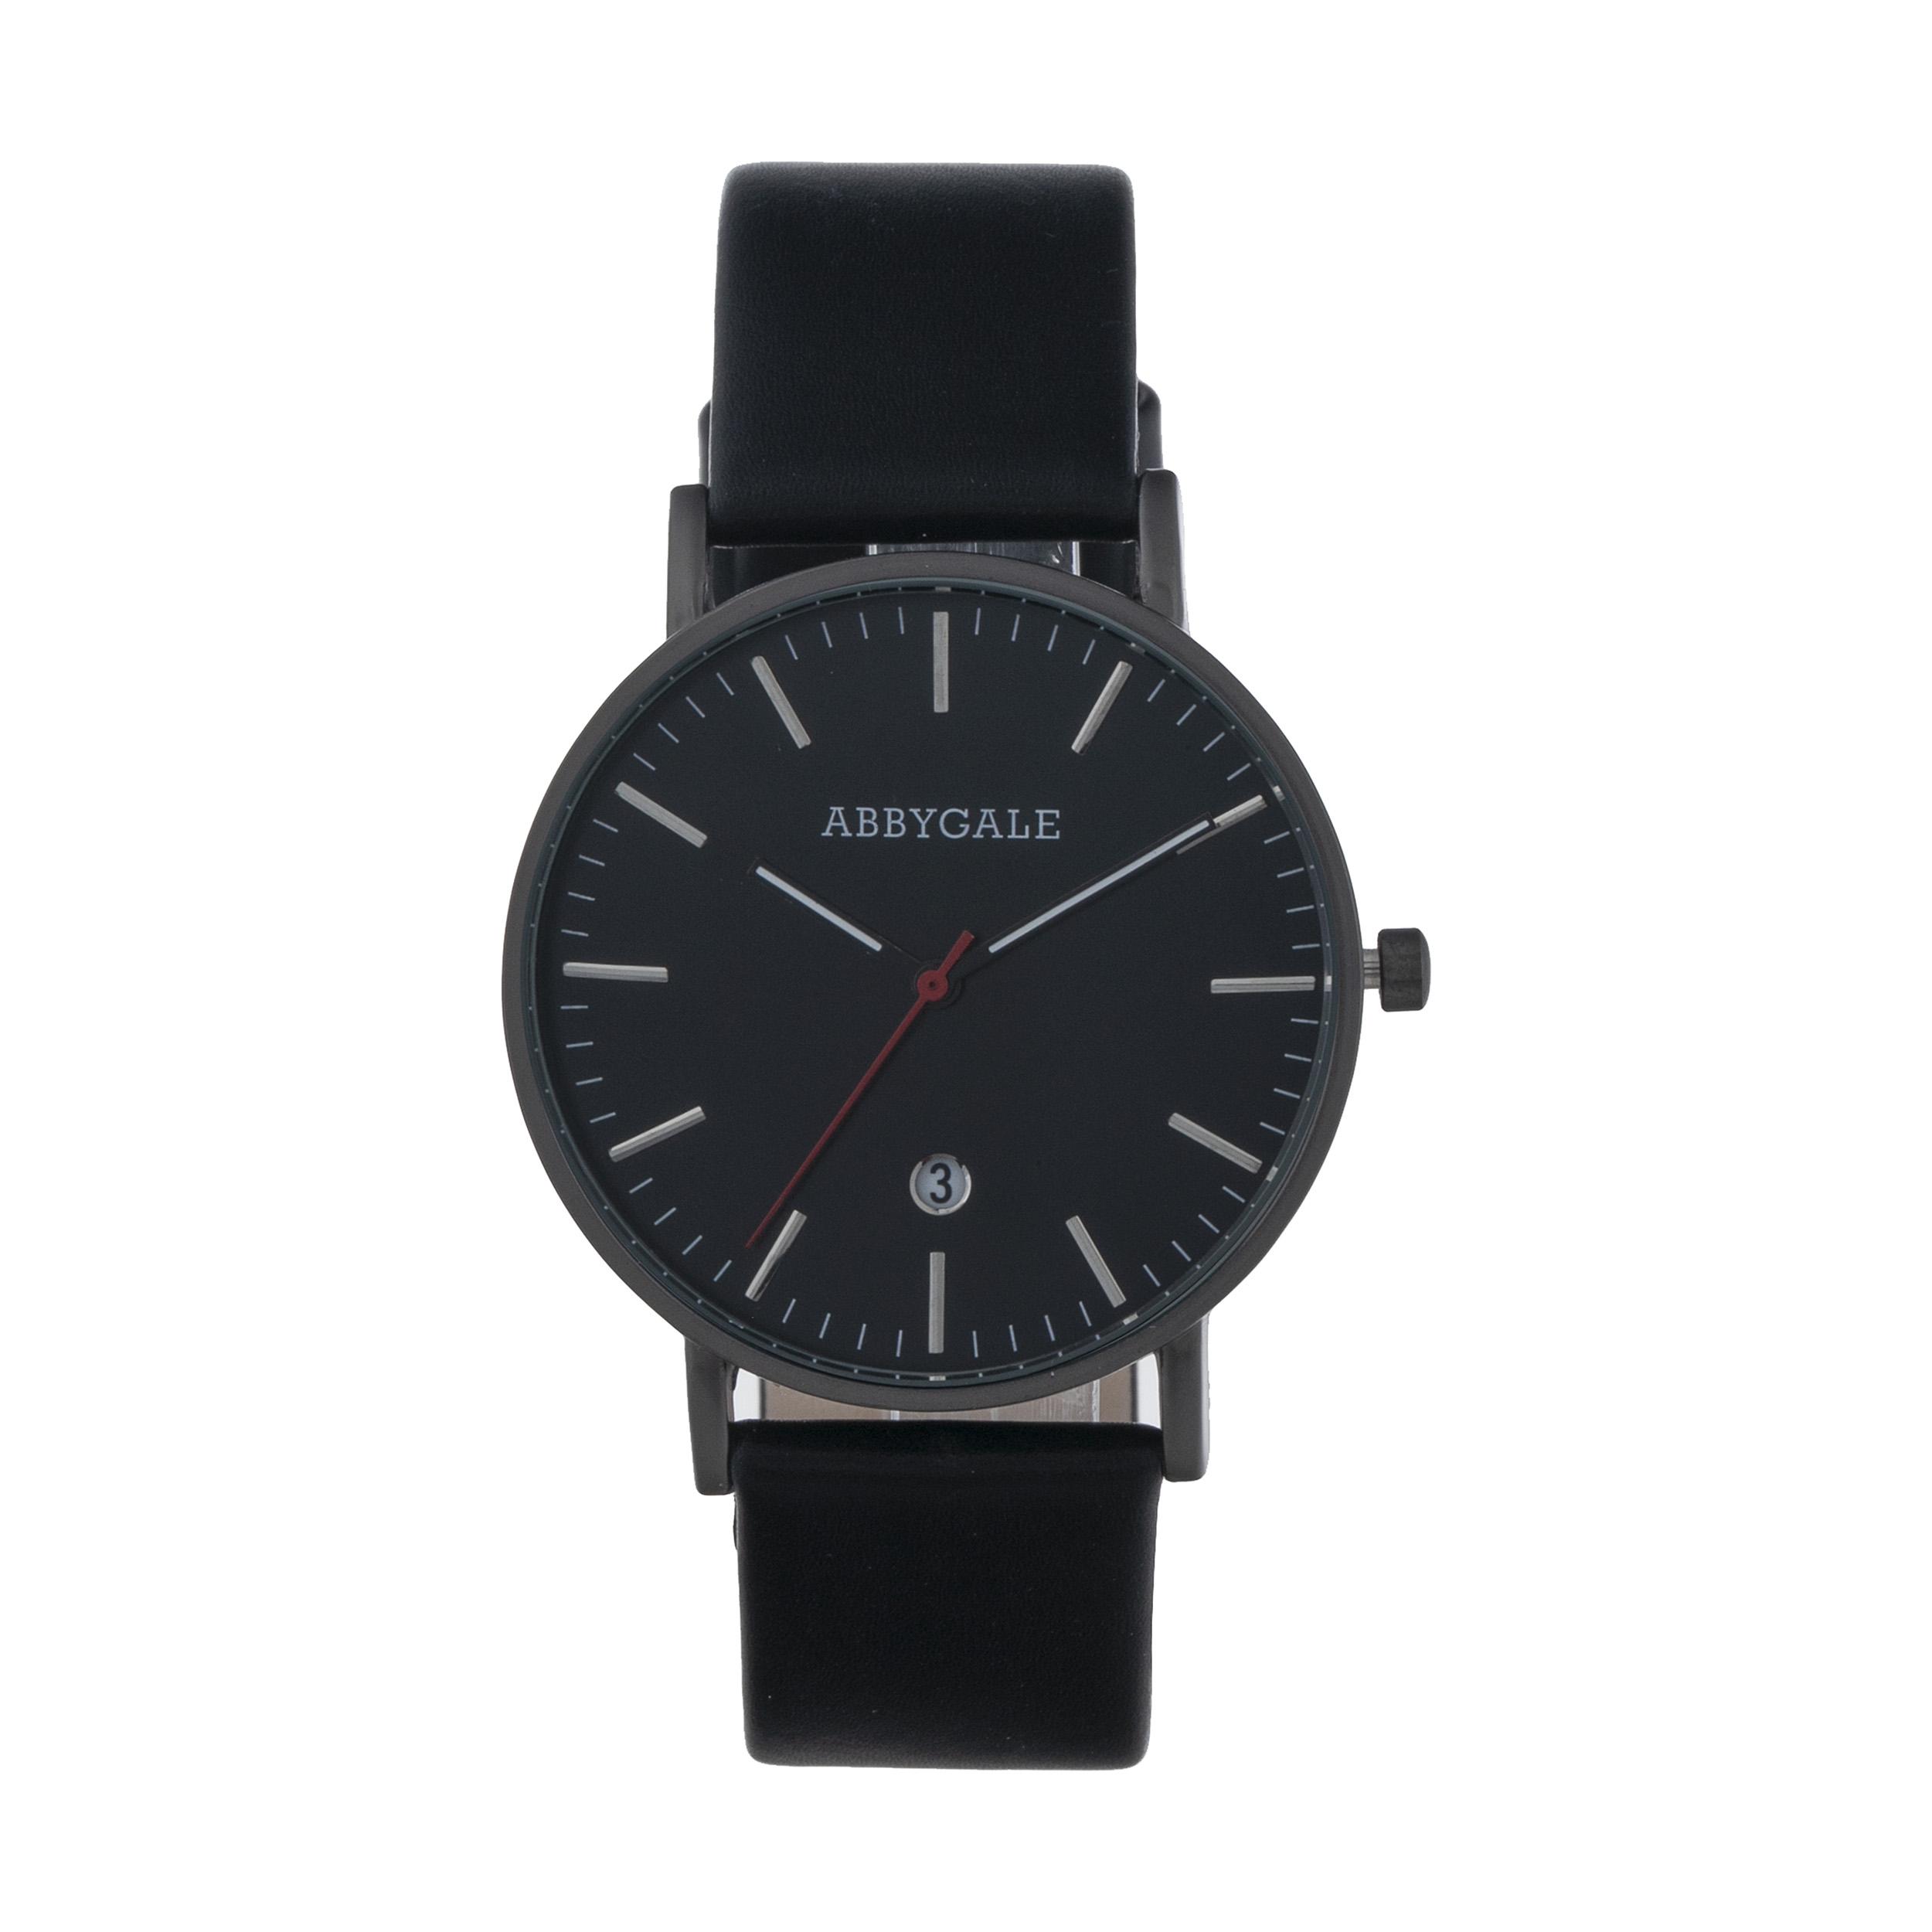 ساعت مچی عقربه ای مردانه ابیگیل مدل BLACK 41